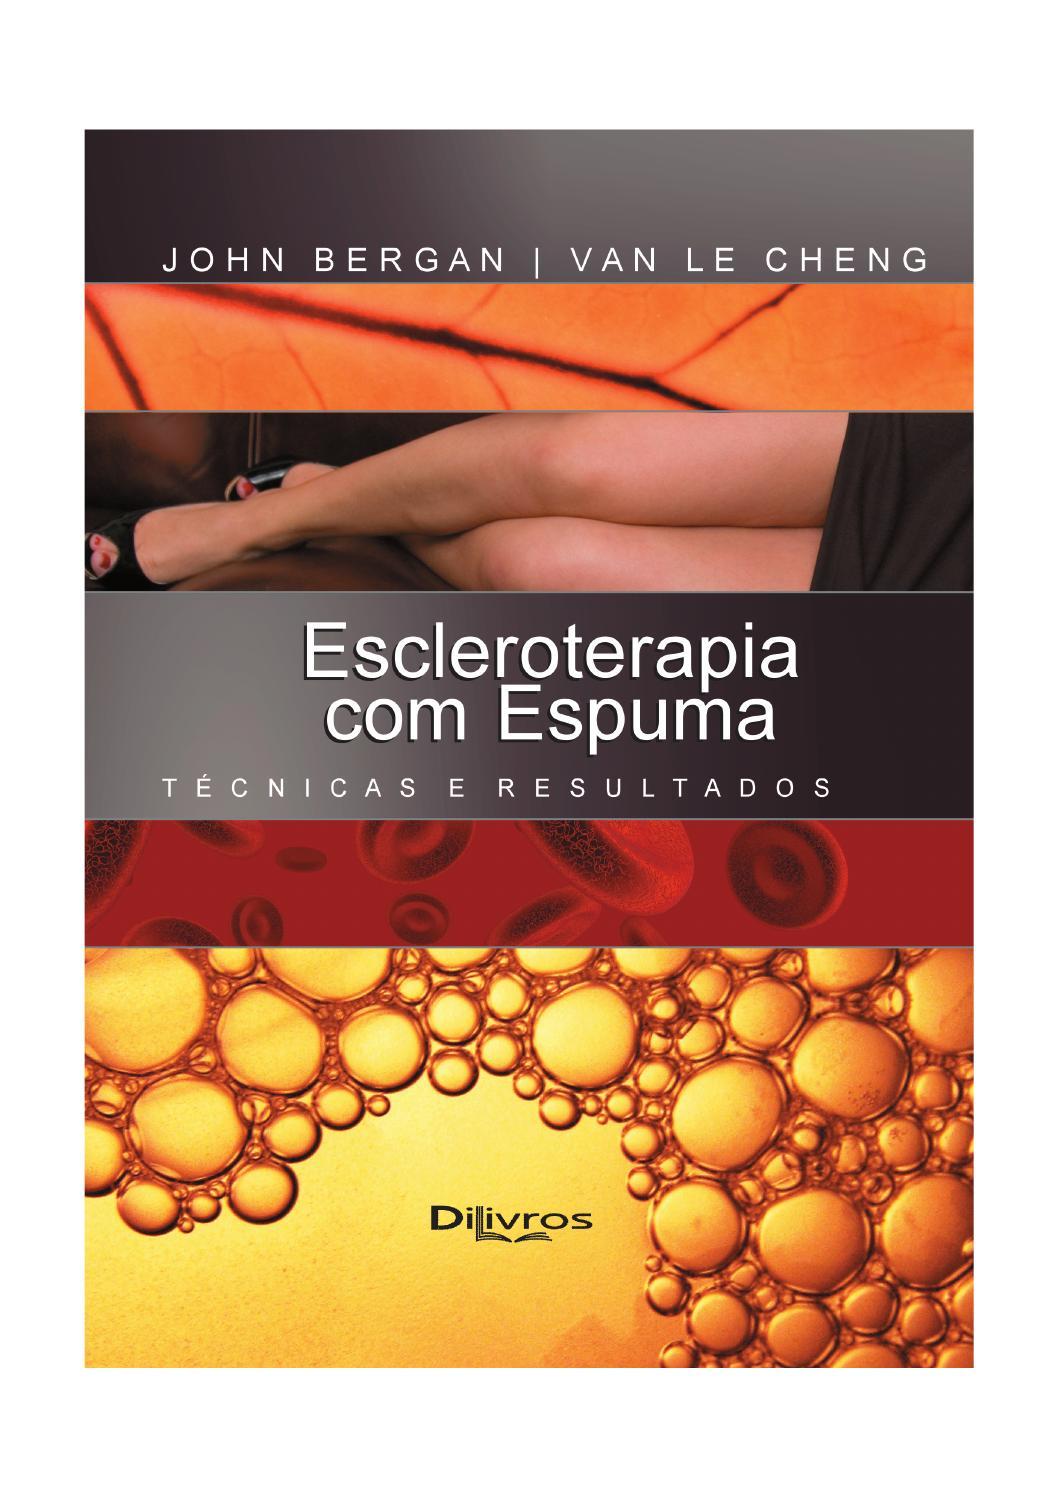 escleroterapia por injeção para malformação venosa